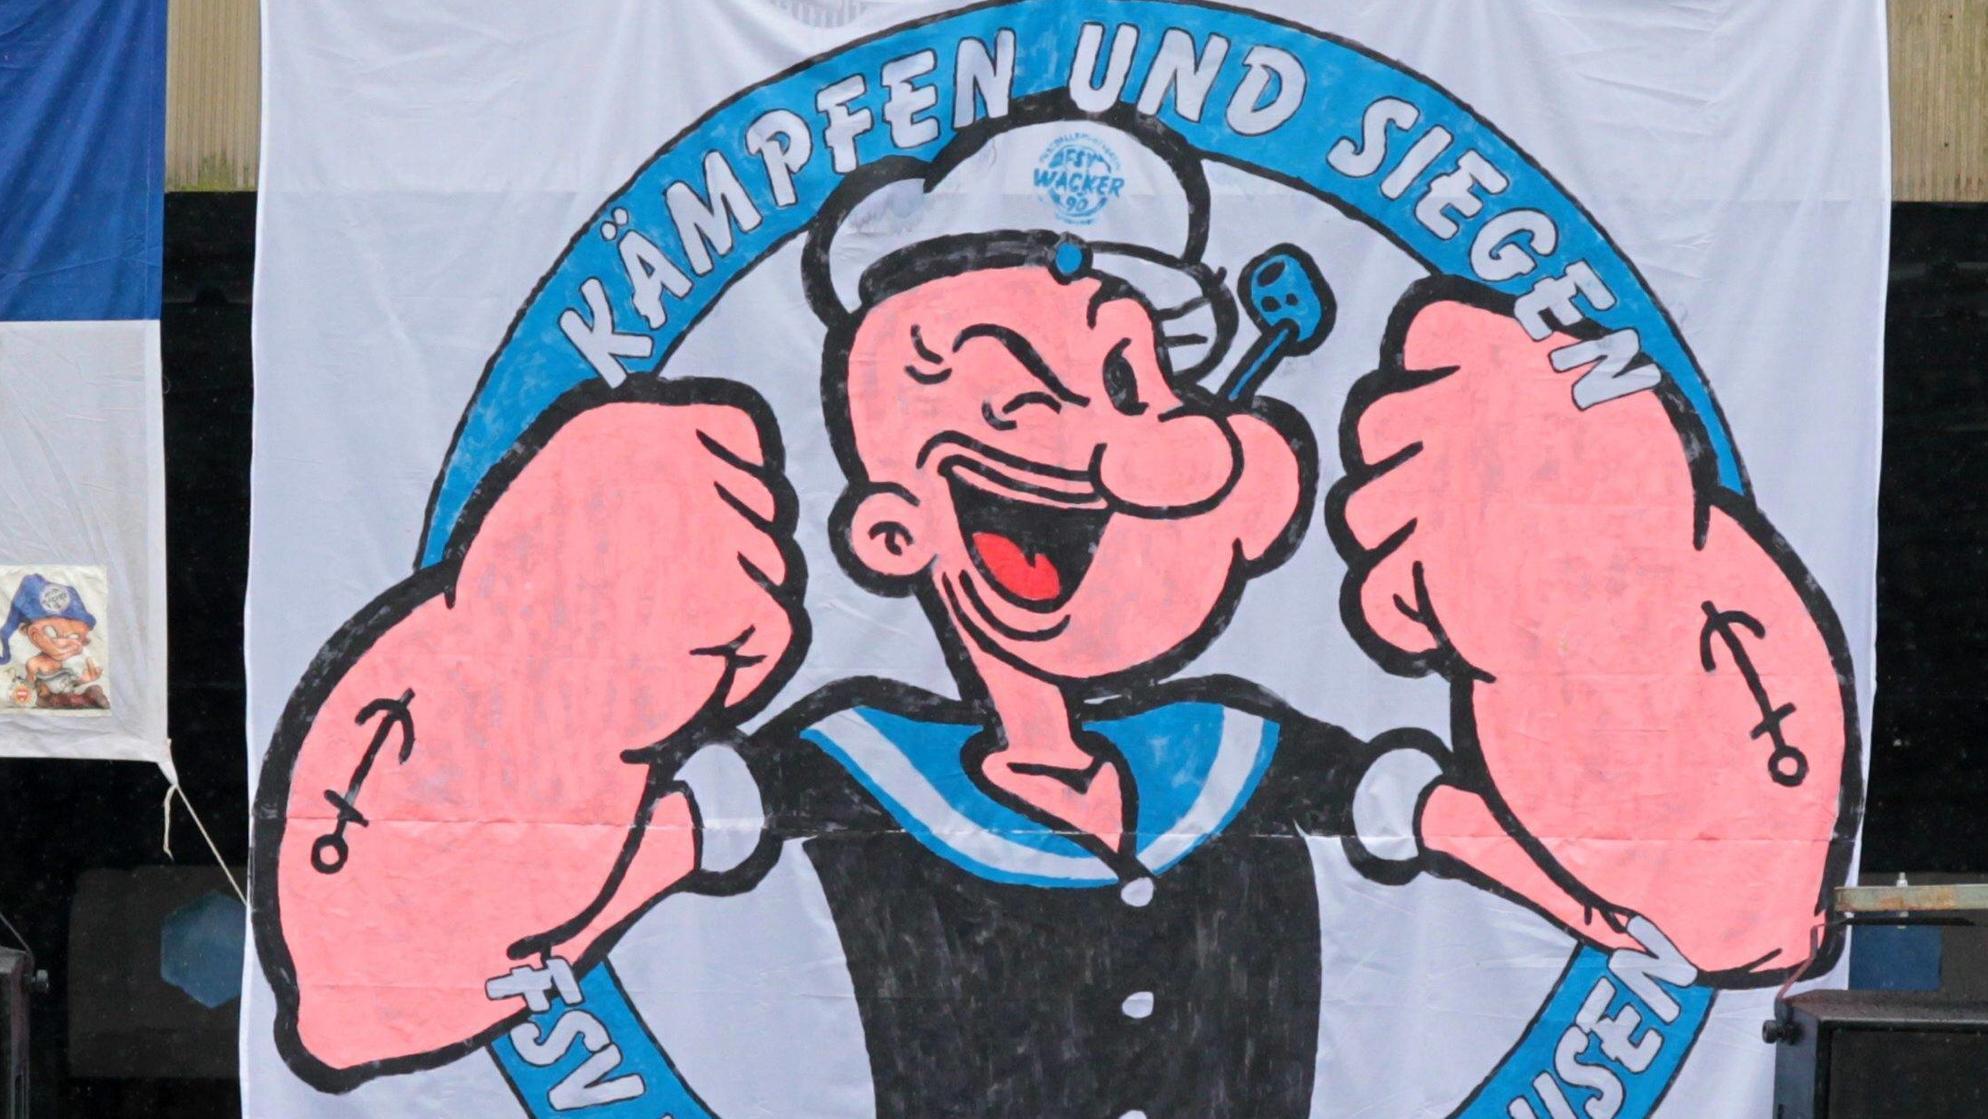 Popeye-Plakat: Fußball-Fans wissen, was in Spinat steckt